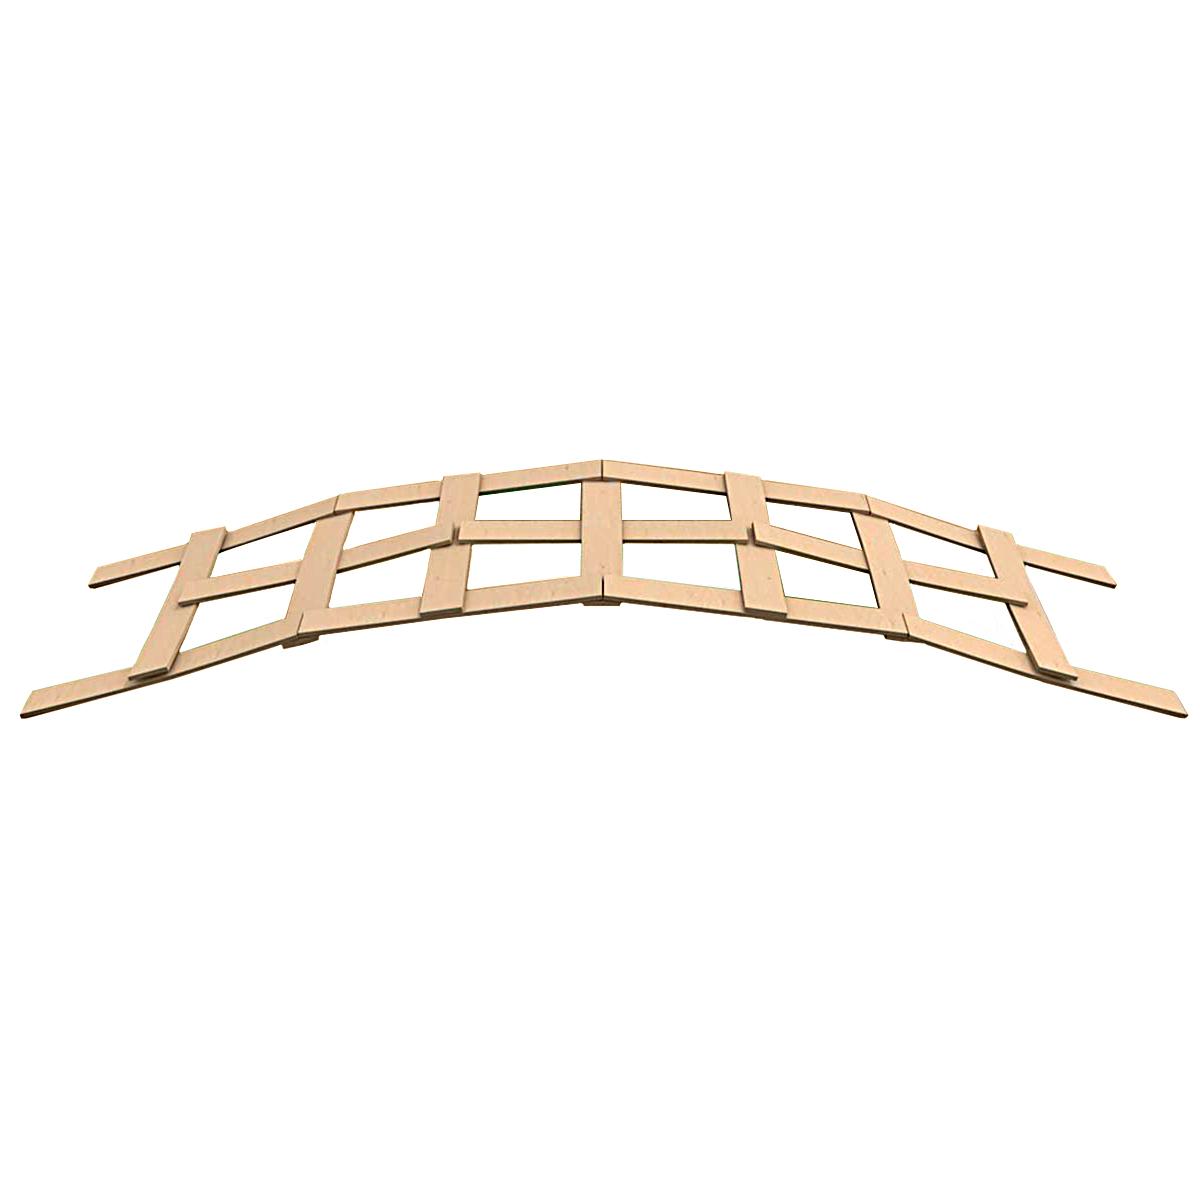 НПР-1 ПРОМЫСЕЛ Набор игровой 'Мост Леонардо' 42 плашки